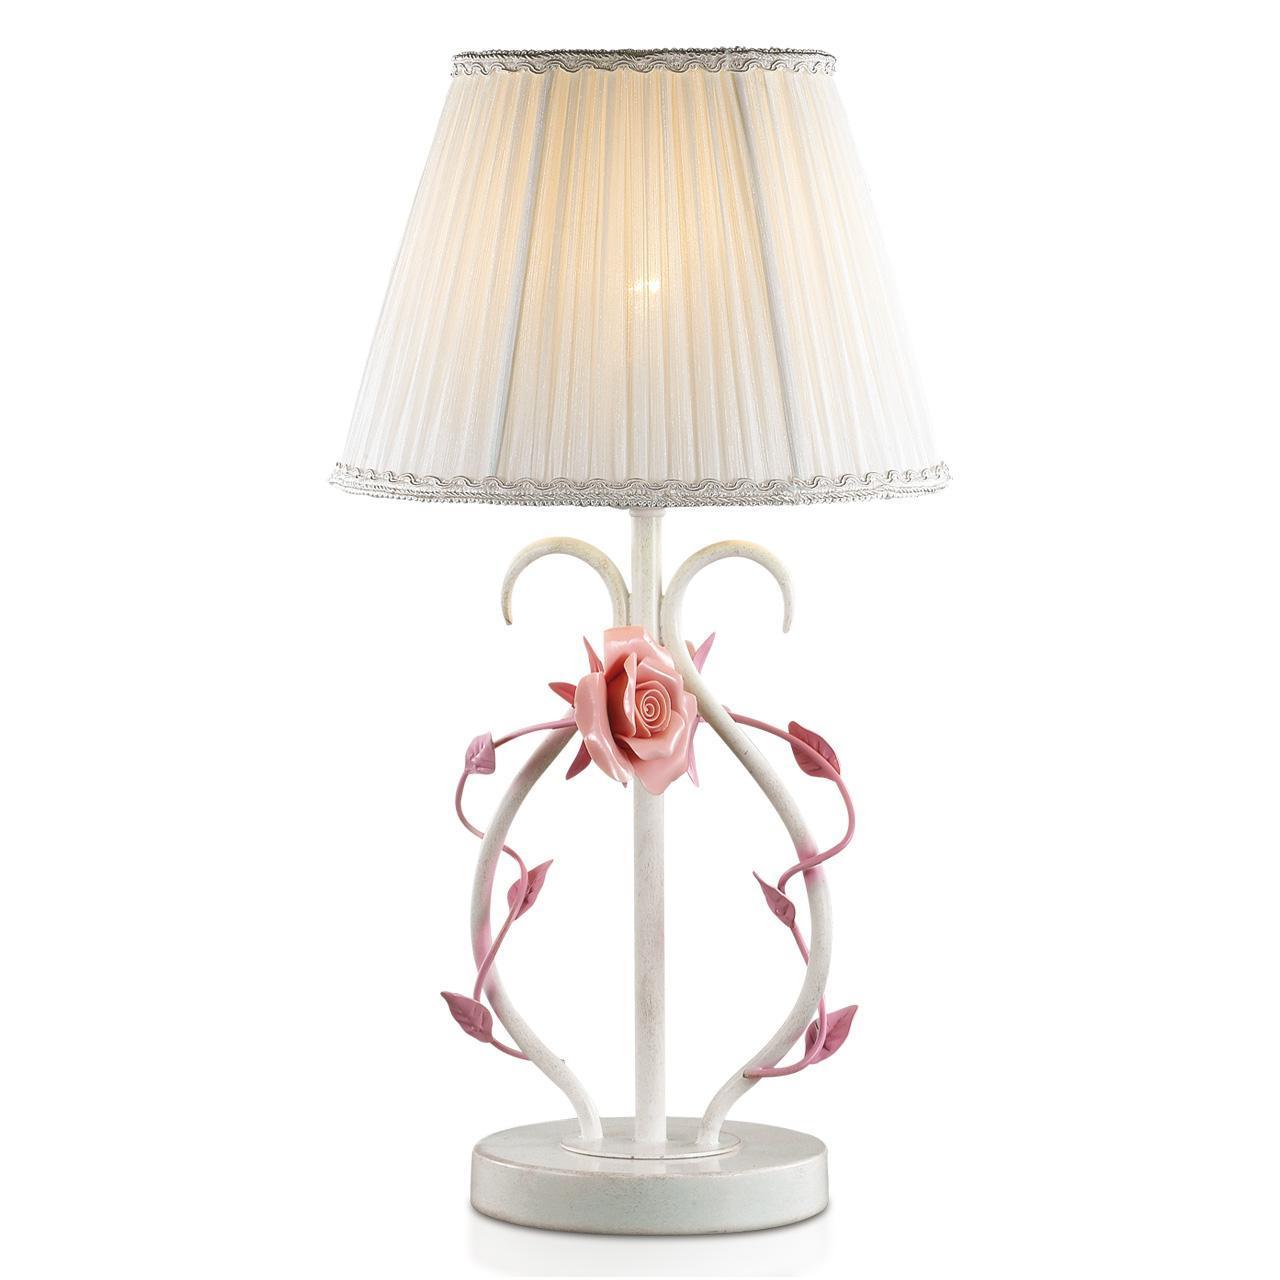 Настольная лампа Odeon Light Padma 2685/1T настольная лампа декоративная odeon light padma 2685 1t